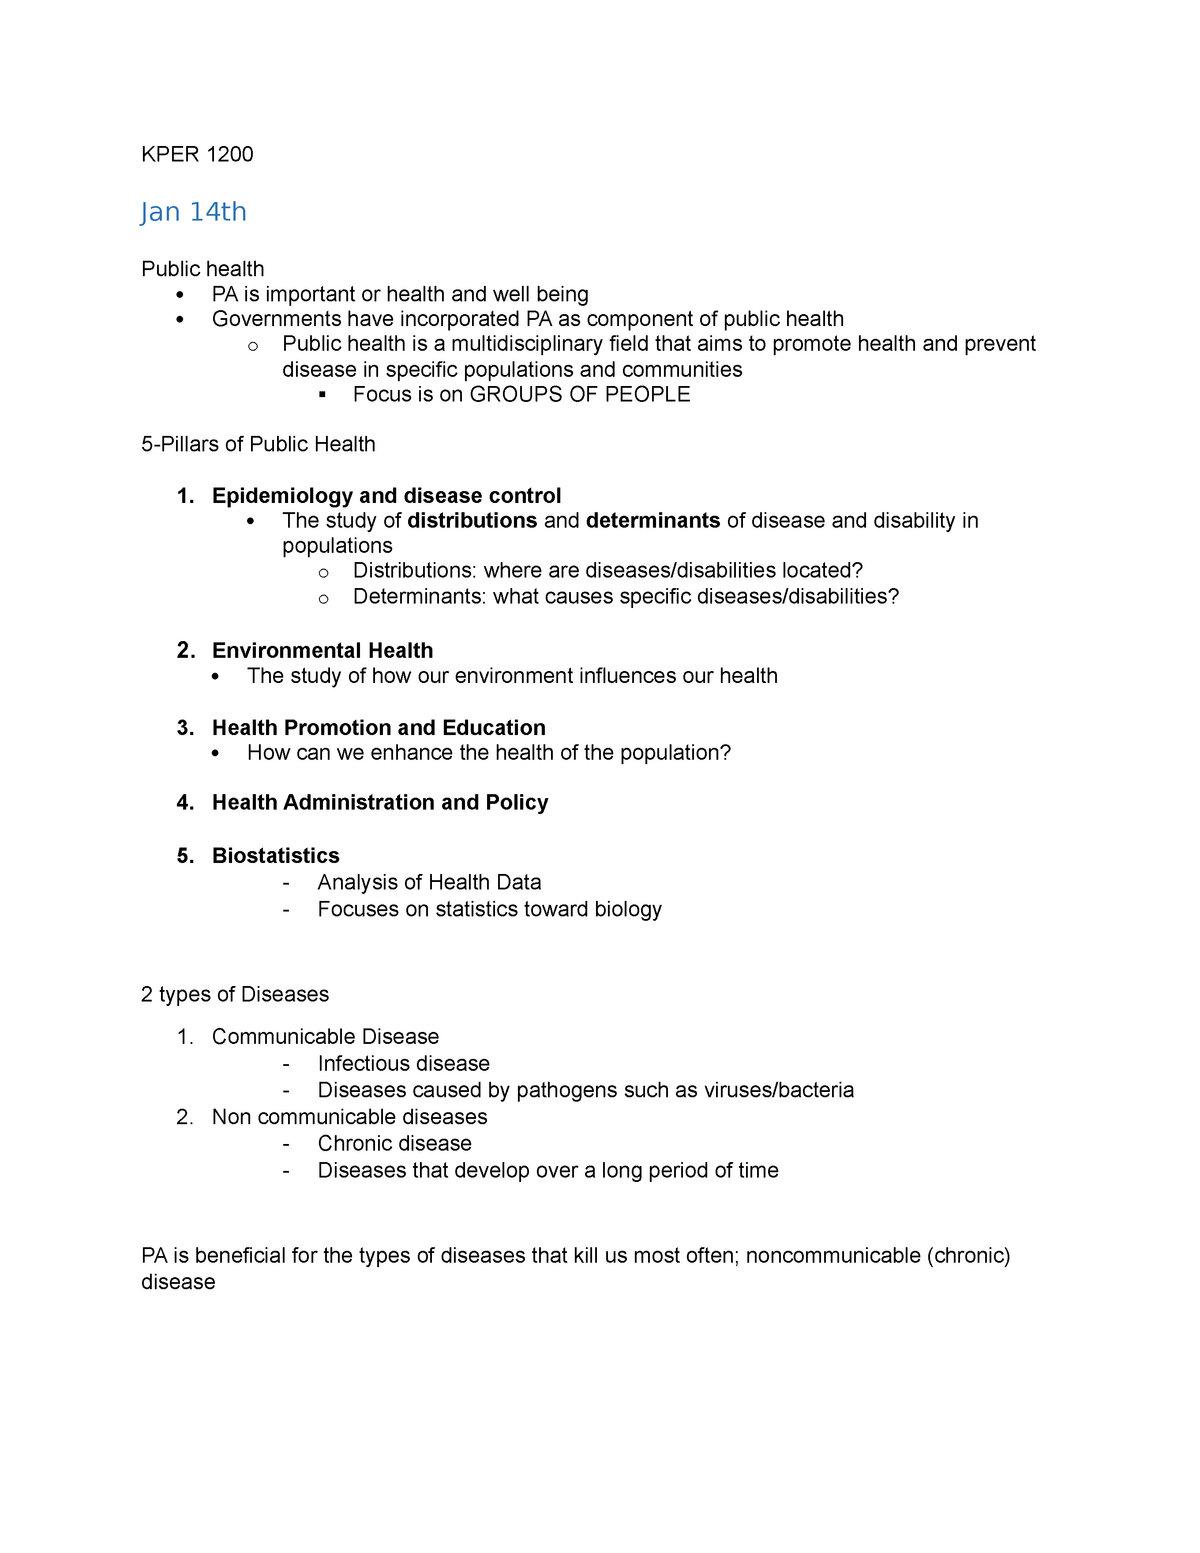 KPER 1200 Ch 1 - Lecture notes 2 - KPER 1200: KPER 1200